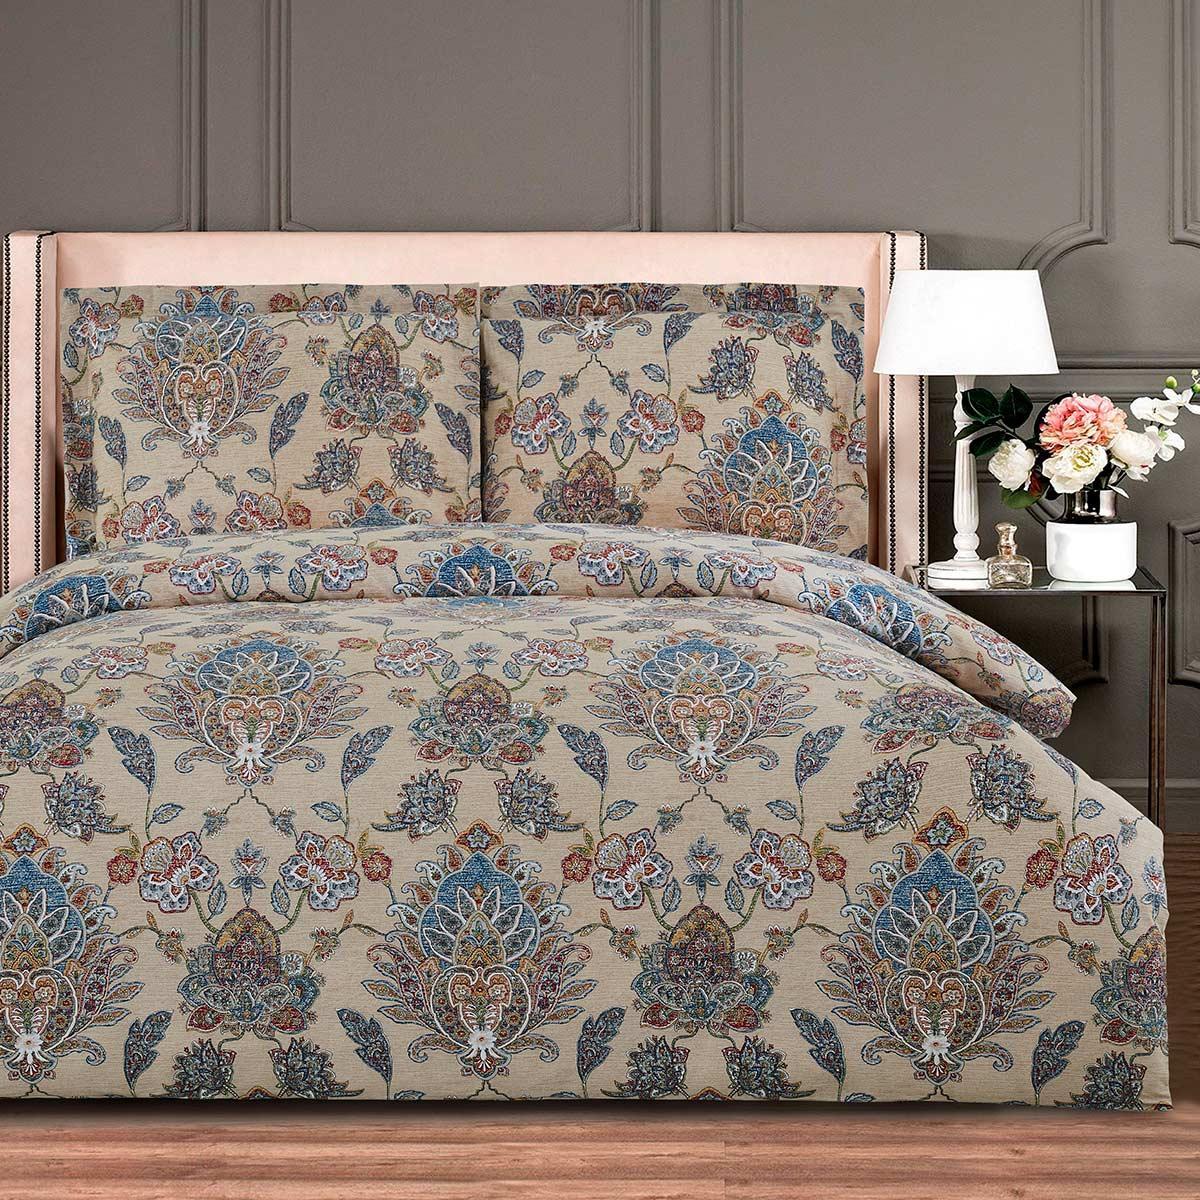 Комплект постельного белья 200х220 см Сатин Anisa Simple Living Arya AR-TR1005632